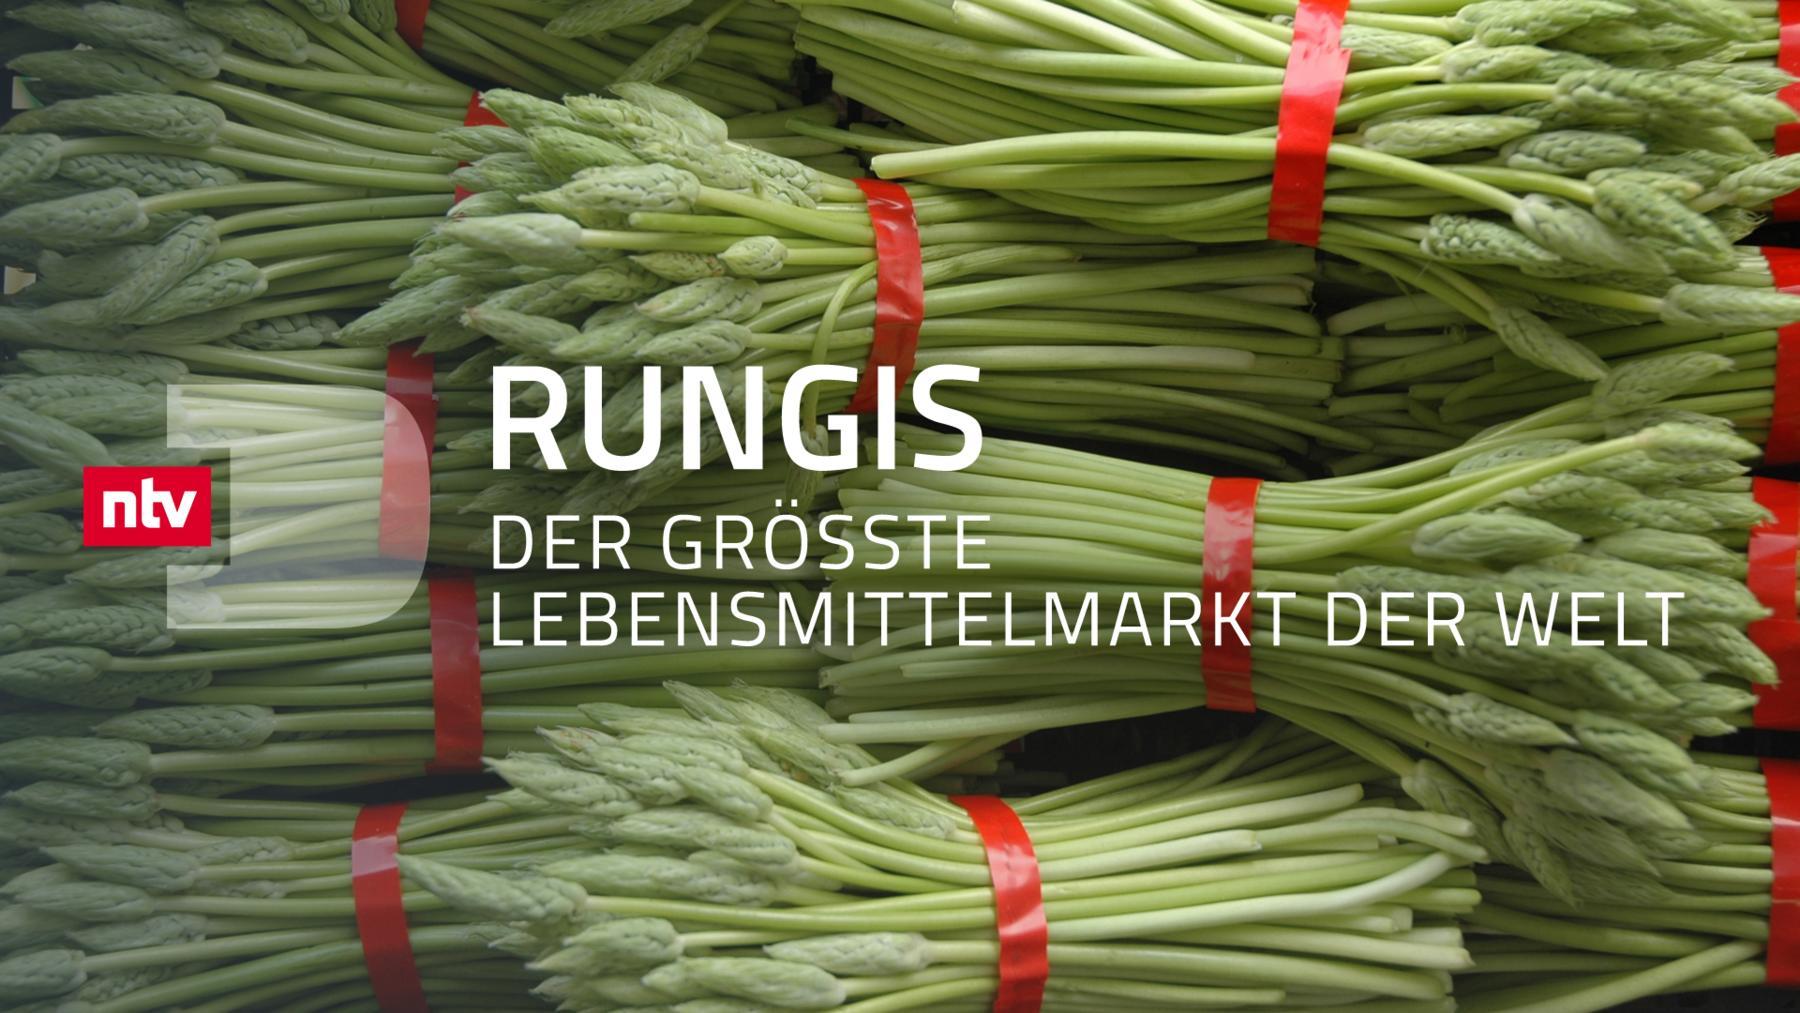 Rungis - Der größte Lebensmittelmarkt der Welt